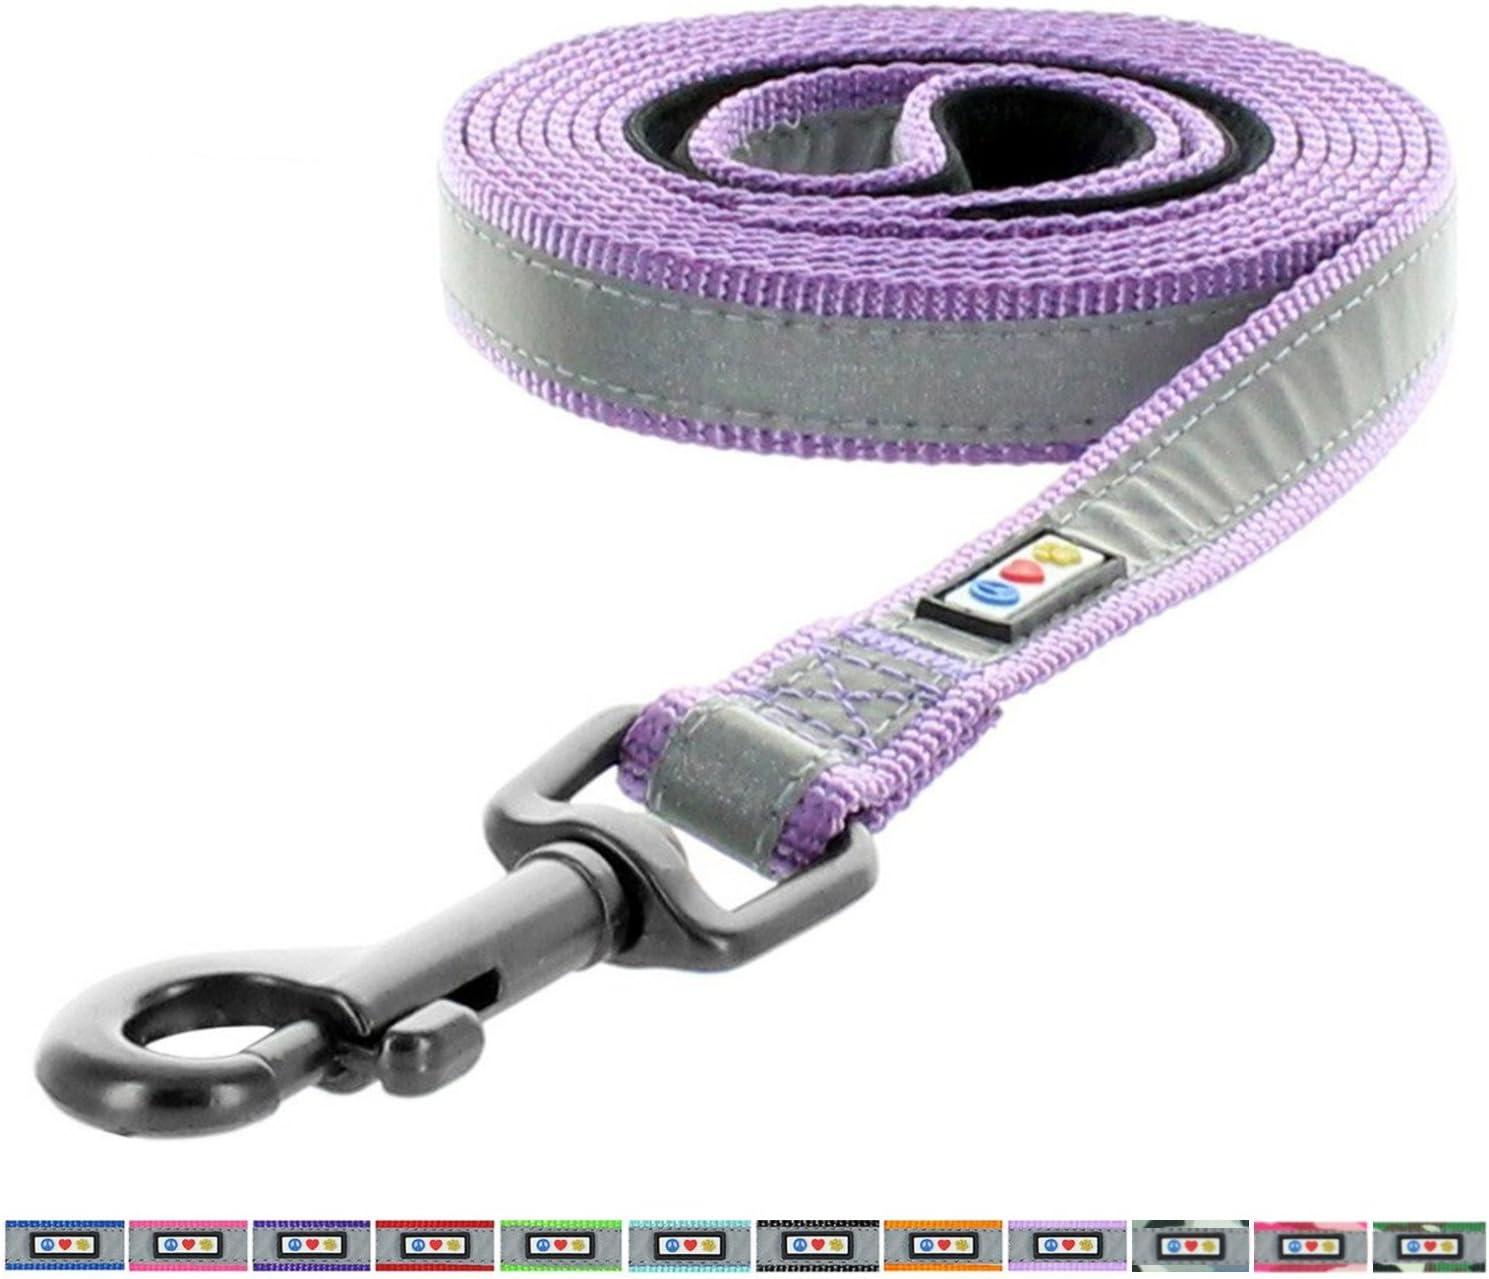 Collier et harnais assortis vendus s Reflective Padded Dog Leash // Lead Matching Collar and Harness sold separately Size M // L Color Camo Pink // Laisse rembourr/é r/éfl/échissante pour chien // chiot Pawtitas Puppy // Pet 1.80 m 1.80 m